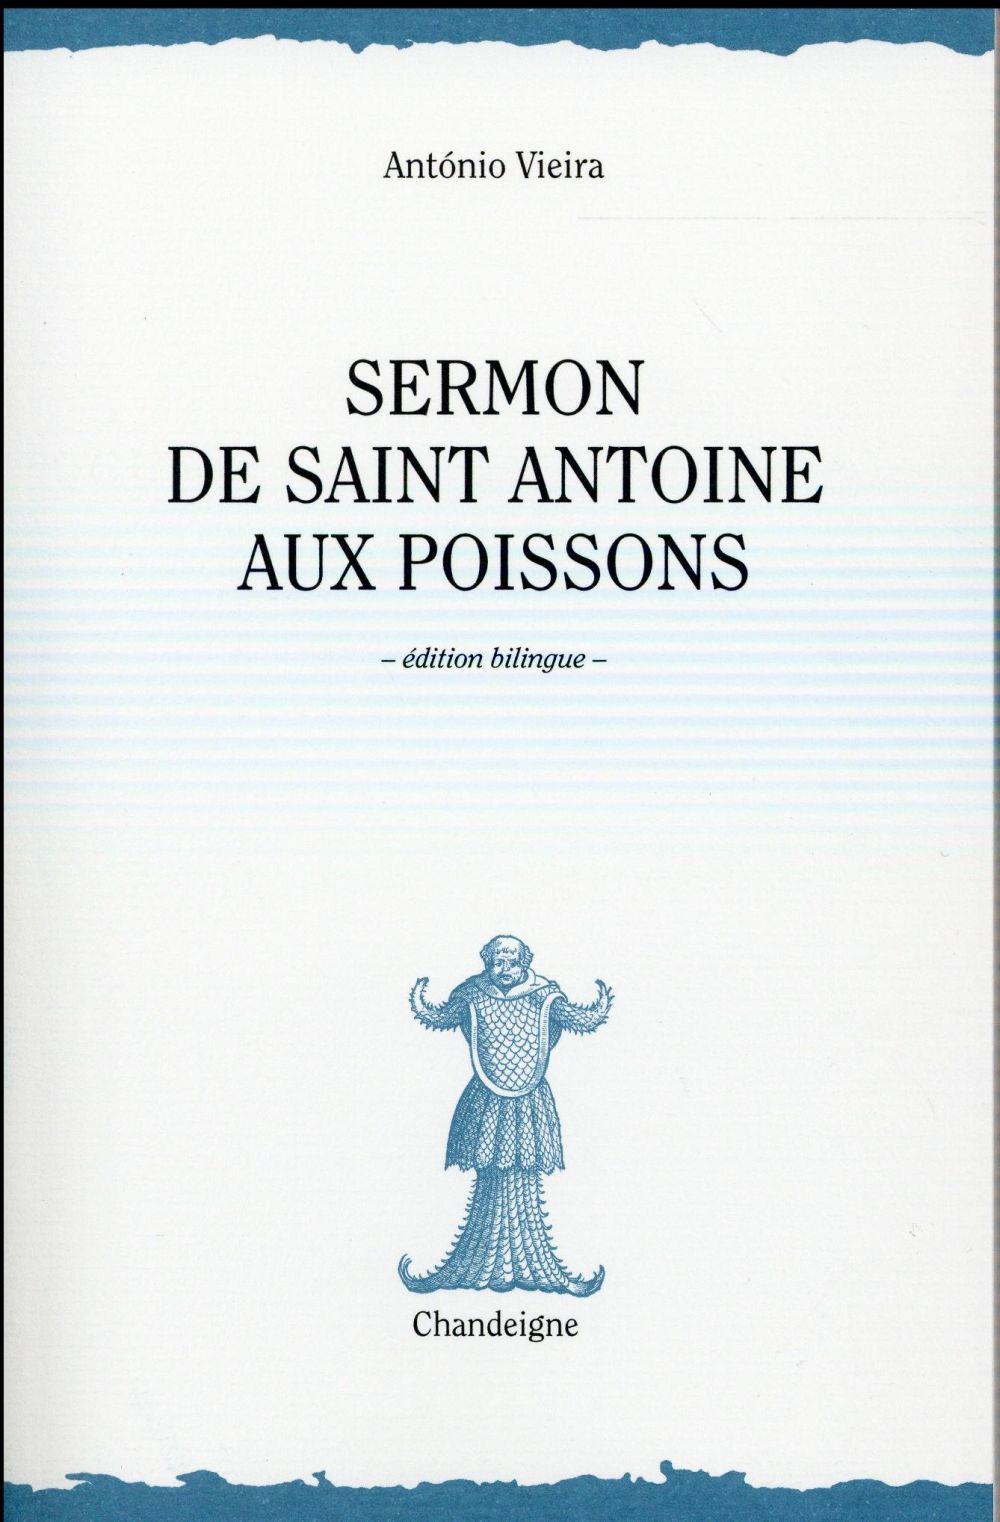 SERMON DE SAINT ANTOINE AUX POISSONS